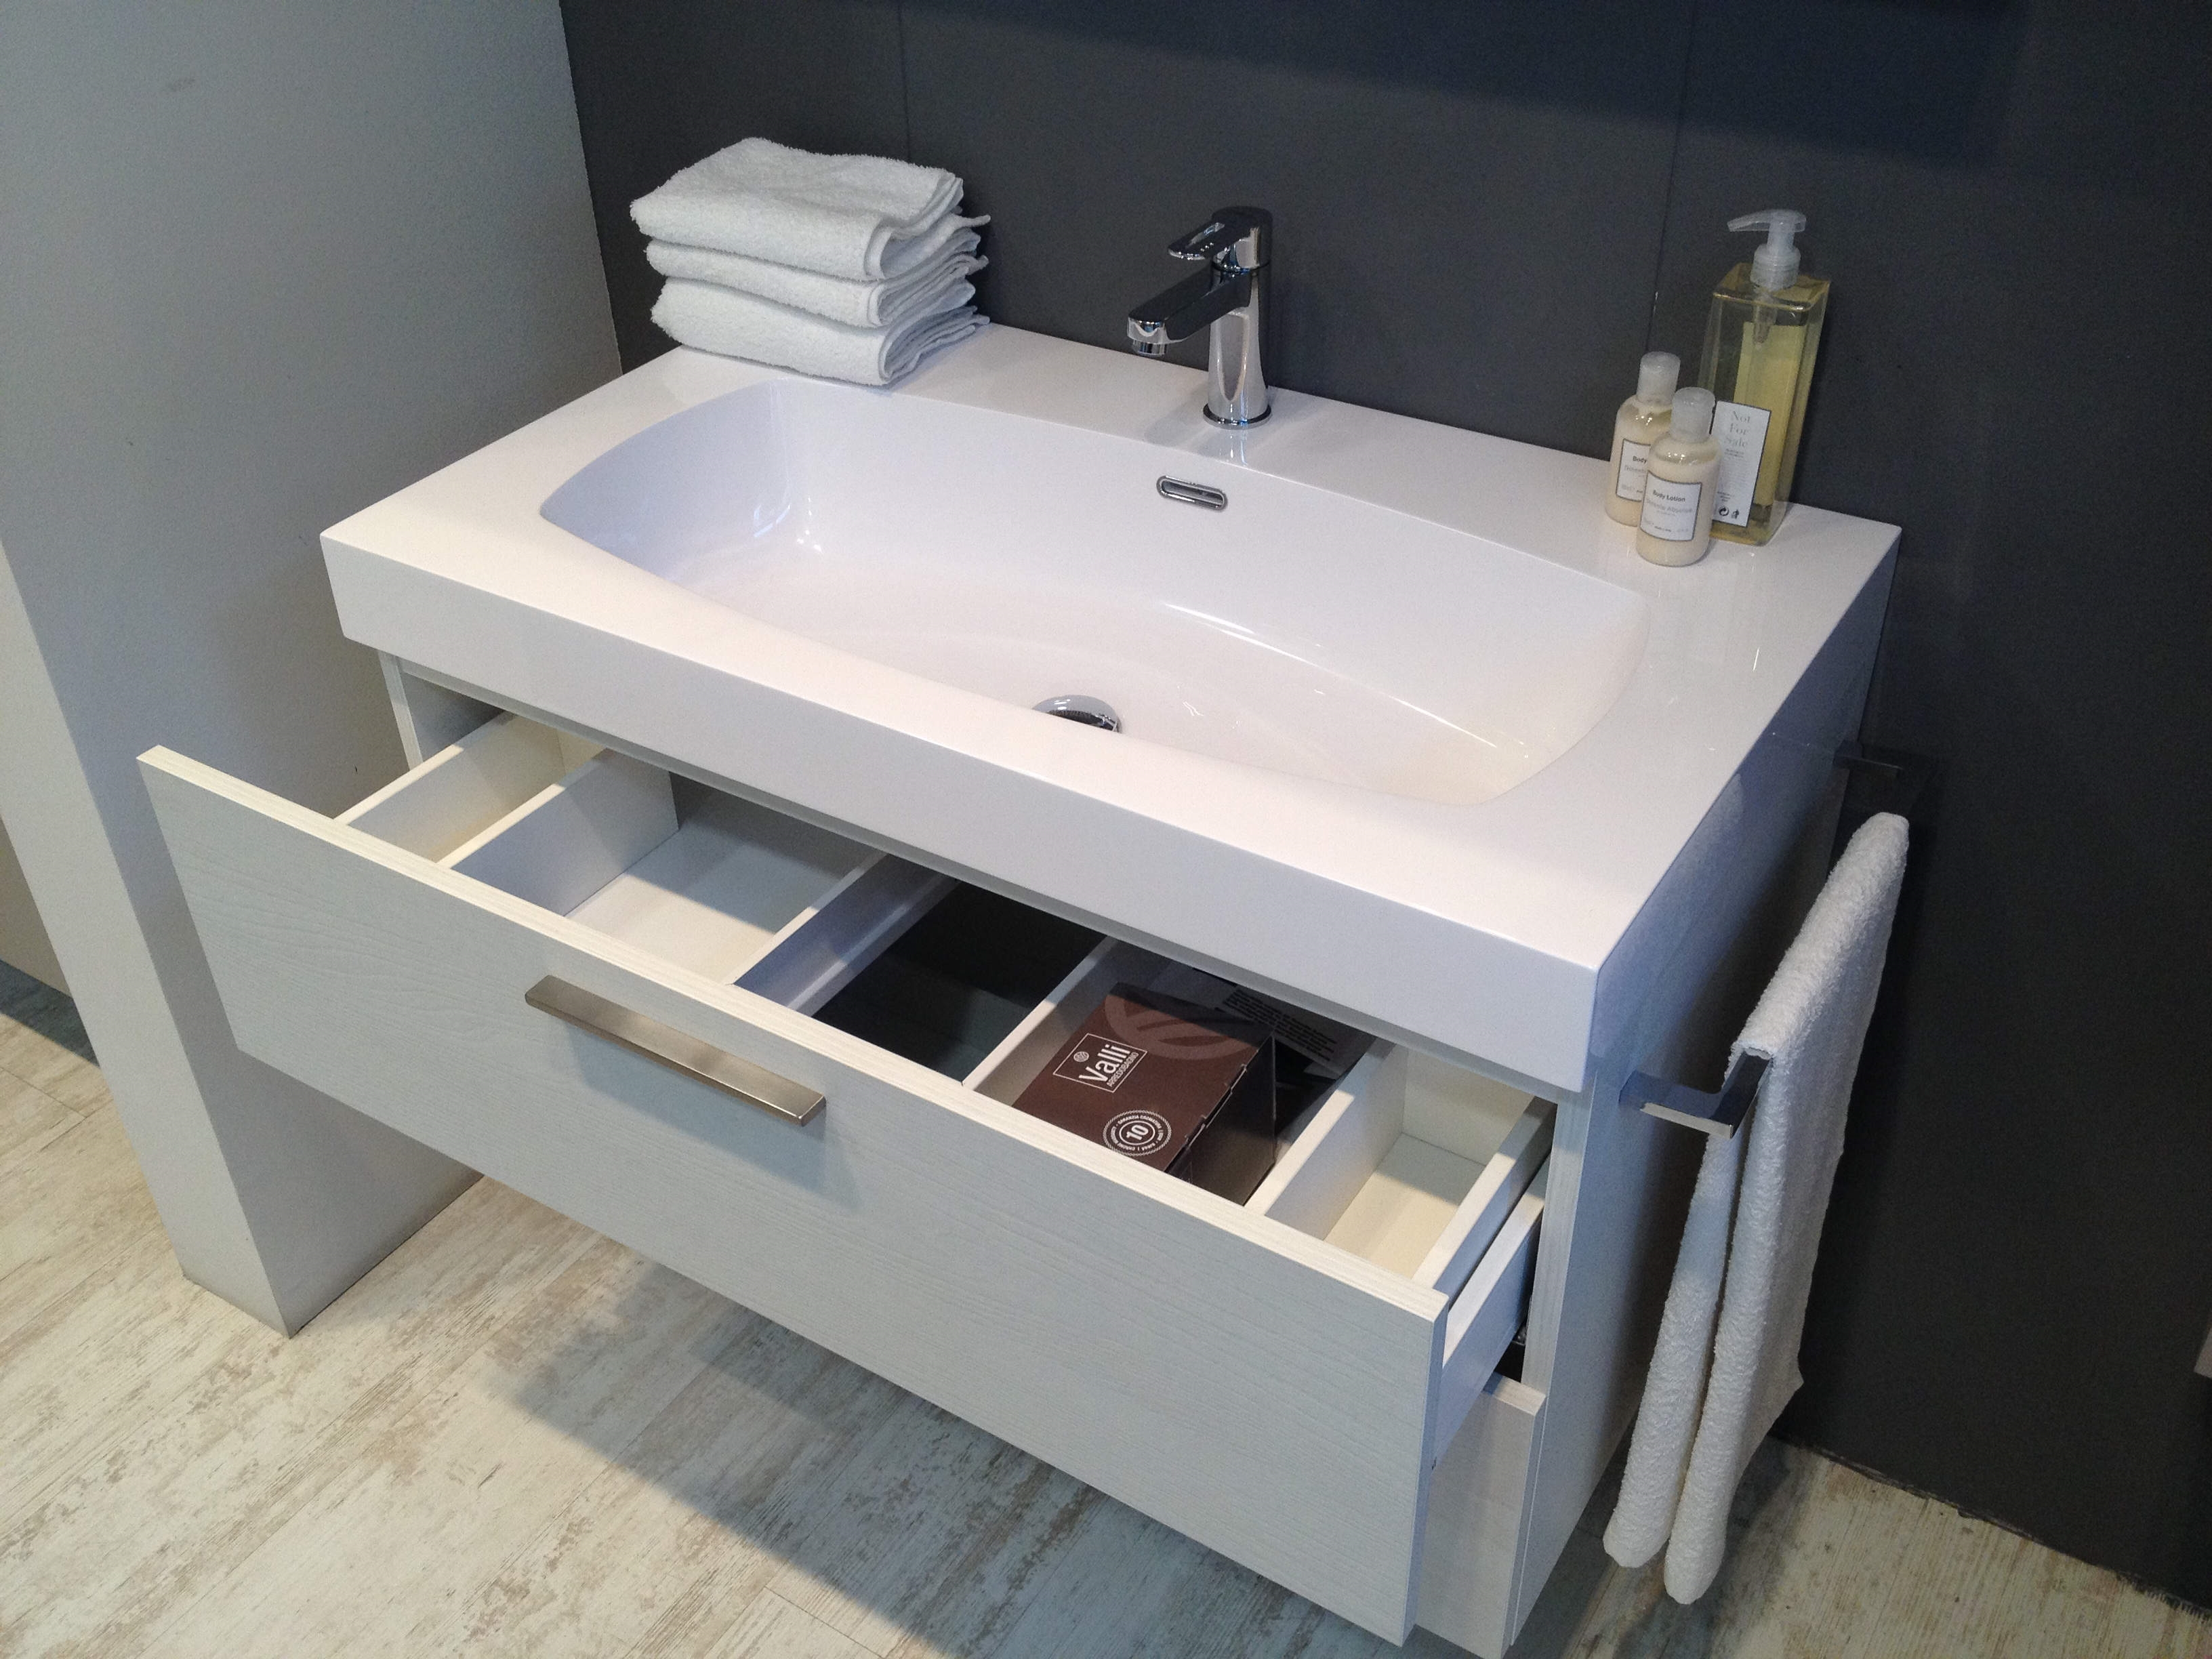 Arredo bagno scavolini mod aquo laminato 30 arredo - Mobili bagno scavolini prezzi ...